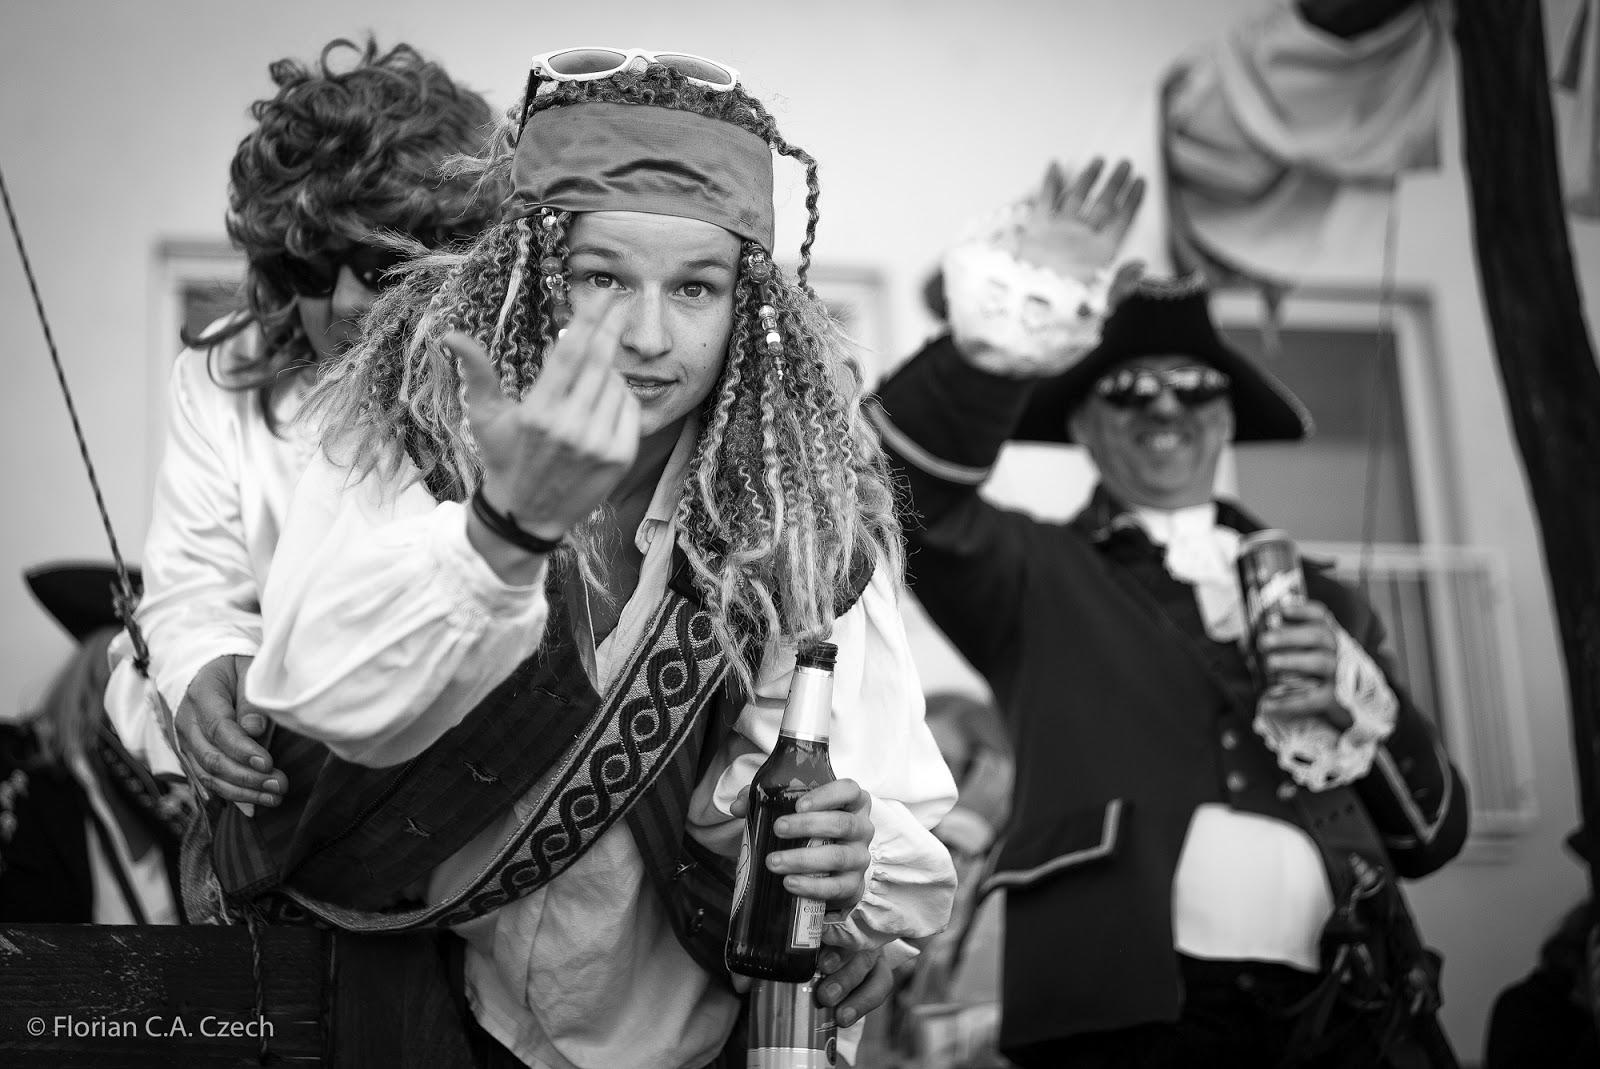 Mädchen als Piratin verkleidet